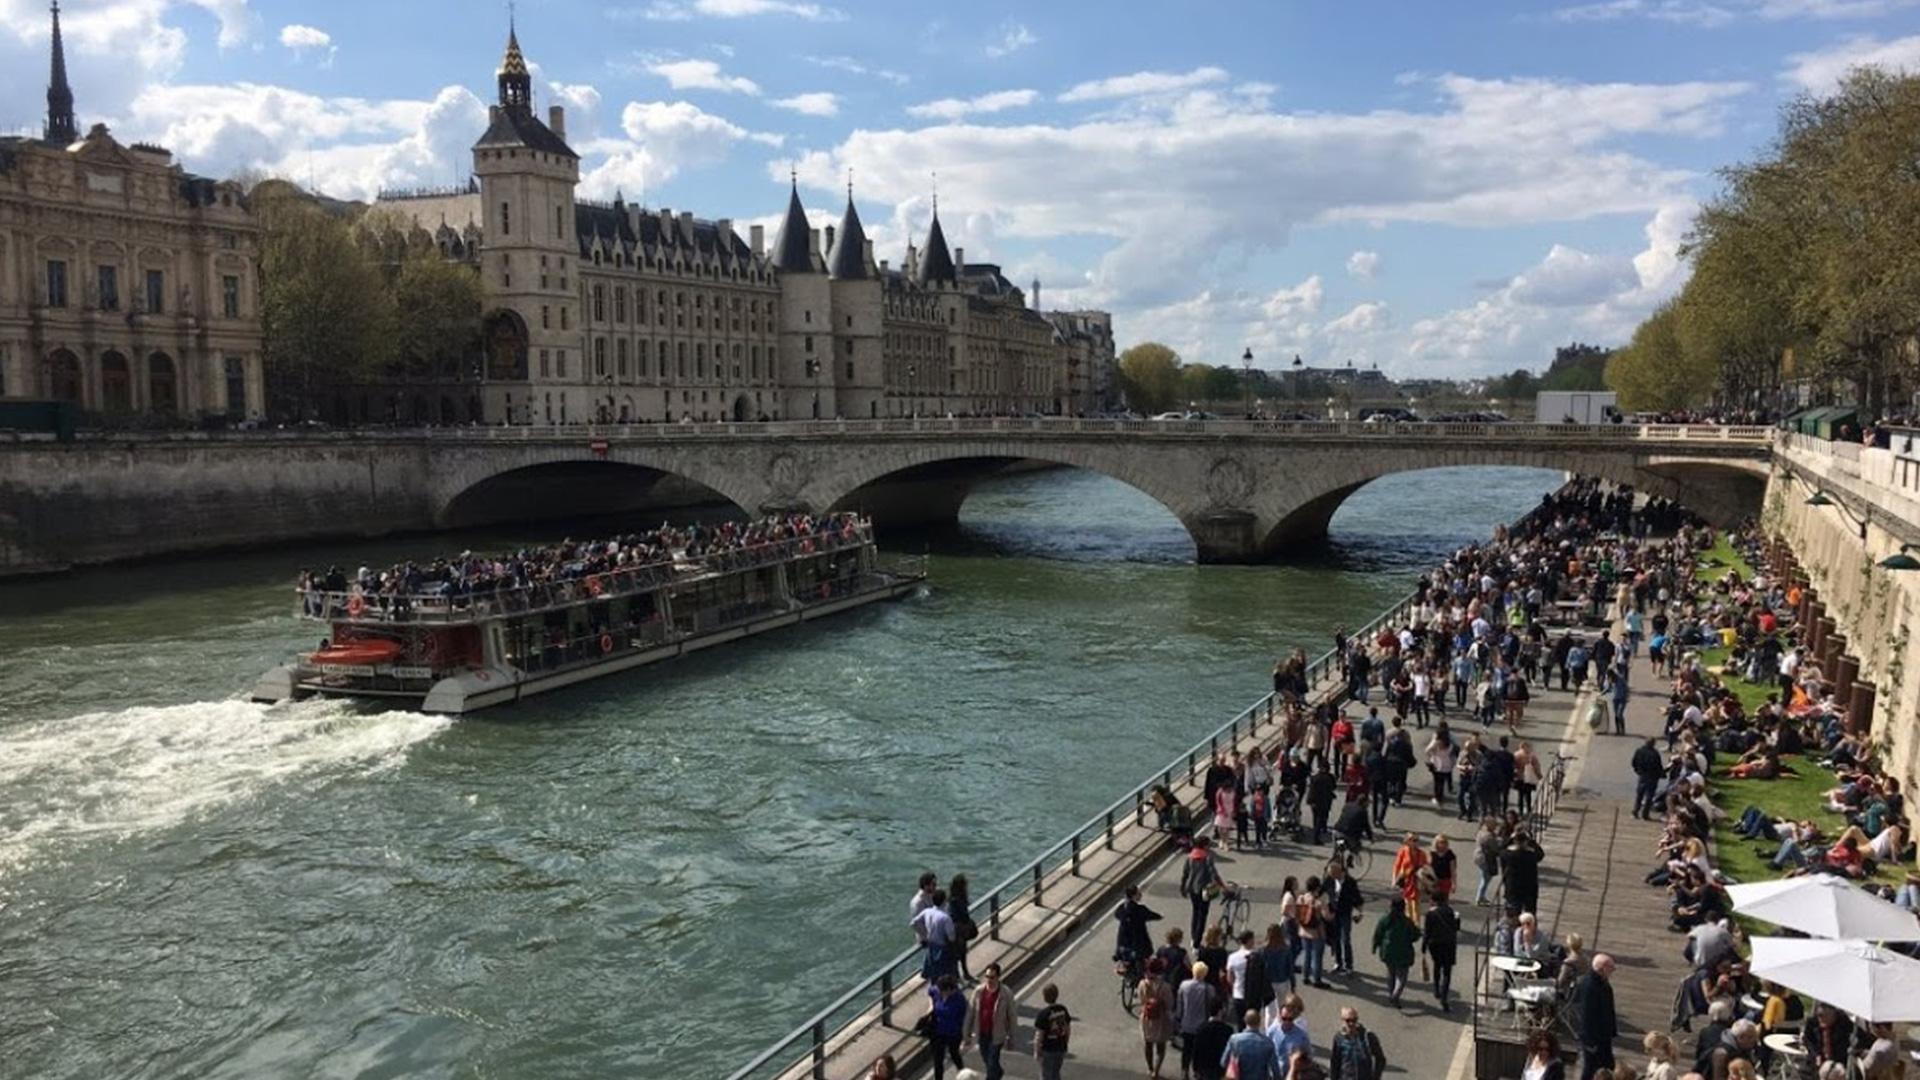 Rives de Seine: Les voies sous les ponts, les citoyens sur le pont